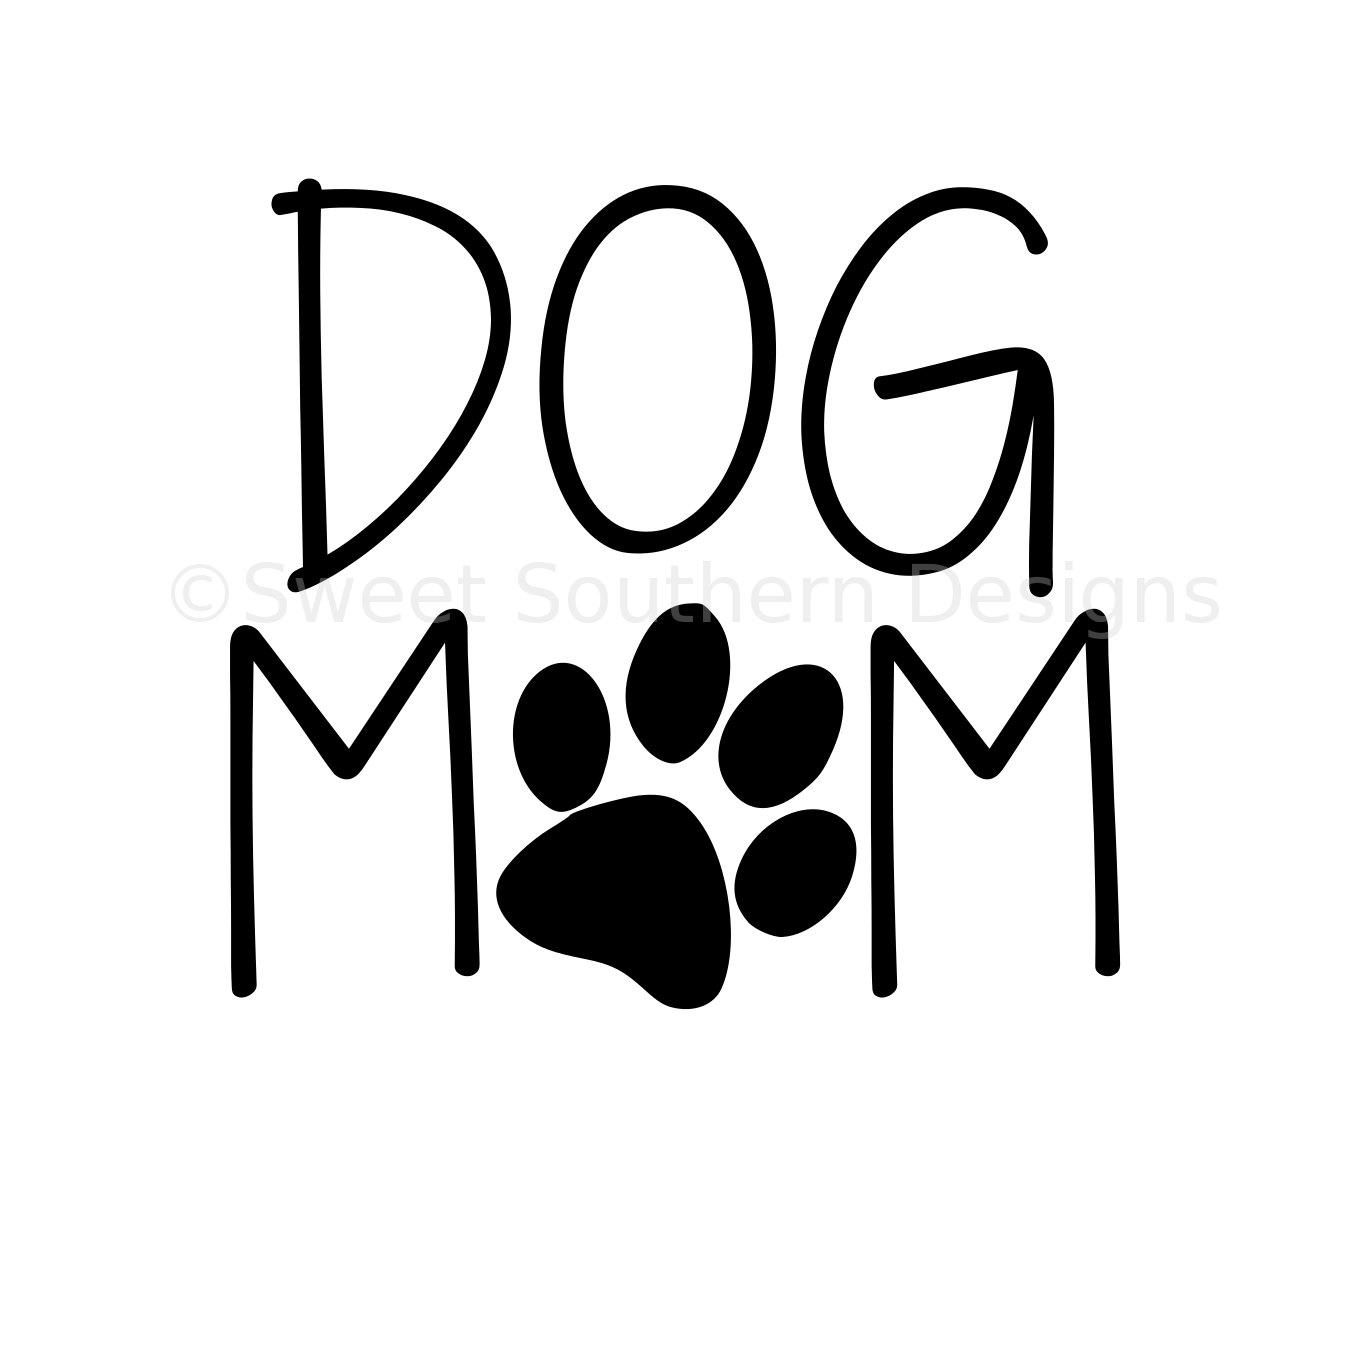 Dog Mom Silhouette.